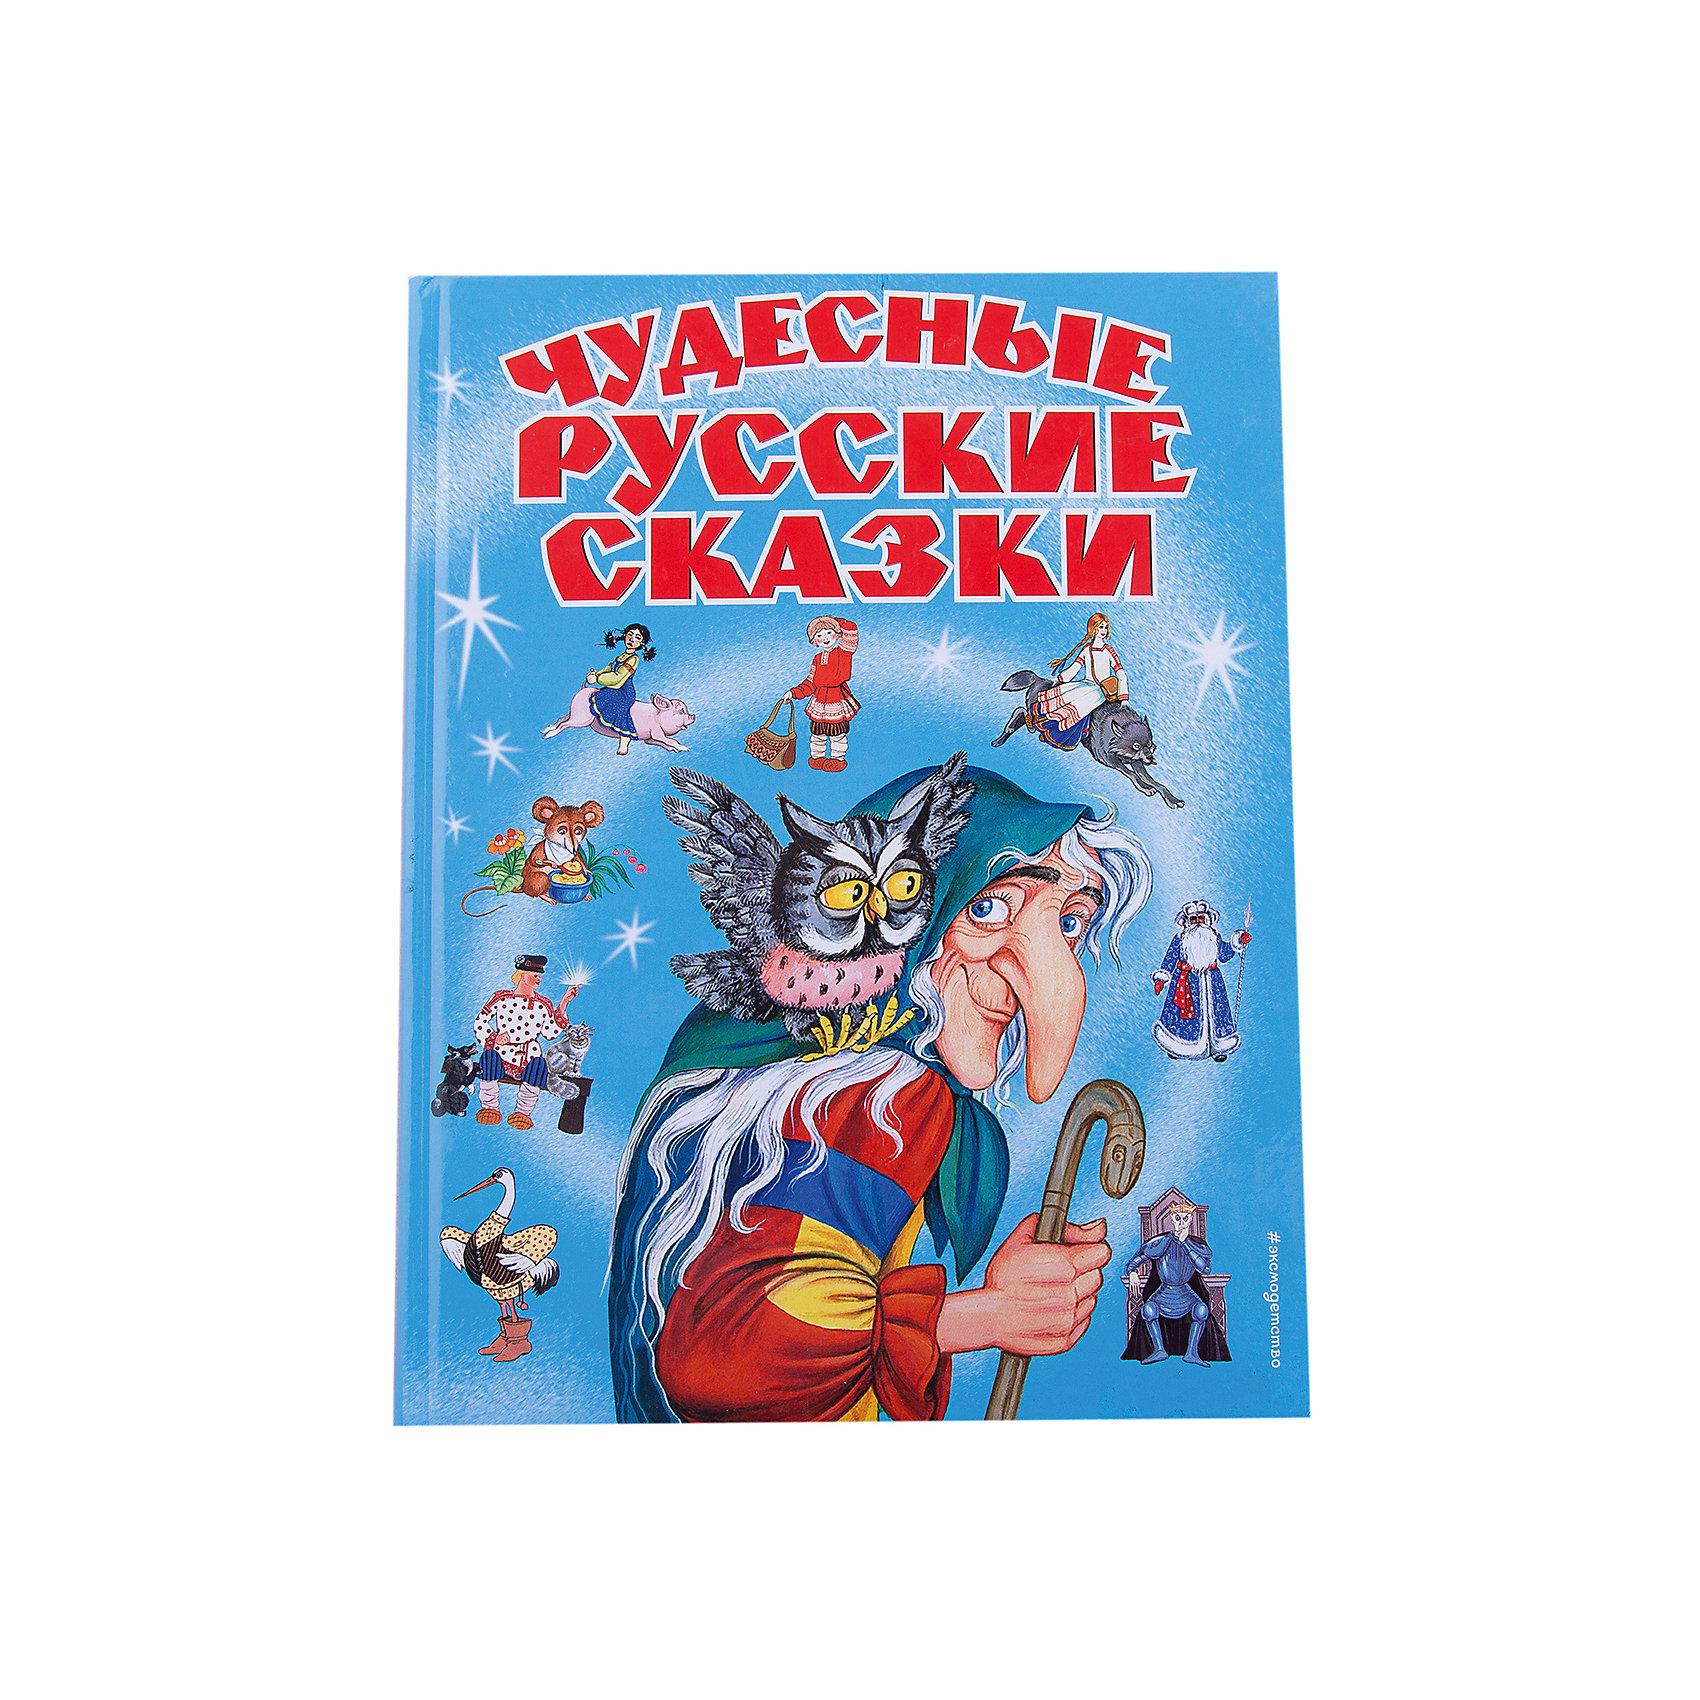 Чудесные русские сказкиРусские сказки<br>Красочная книга с известными русскими сказками в пересказе. Русские сказки учат состраданию и справедливости, в них добро всегда побеждает зло - прекрасный вариант для семейного чтения. Яркие цветные иллюстрации обязательно привлекут внимание детей и сделают процесс чтения еще более интересным и увлекательным. <br><br>Дополнительная информация:<br><br>- Формат: 26,5х20,5 см.<br>- Переплет: твердый.<br>- Иллюстрации: цветные.<br>- Количество страниц: 200 стр.<br>- Иллюстраторы:  А.Басюбина, Ел.Здорнова, Ек.Здорнова, Т.Фадеева.<br>- В книге 14 сказок: Волшебное кольцо - пересказ Е. Площанской, Баба-Яга - пересказ И. Котовской, Двое из сумы - пересказ И. Котовской, Морозко - пересказ Е. Площанской, Лихо одноглазое - обработка К. Ушинского, По щучьему велению - пересказ Г. Джаладян, Сивка-Бурка - пересказ Г. Джаладян, Кощей Бессмертный - пересказ Г. Джаладян, Финист - ясный сокол - пересказ Г. Джаладян, Чудо-юдо - пересказ Г. Джаладян, Морской царь - пересказ Г. Джаладян. <br>Иван-царевич и серый волк - пересказ Г. Джаладян, Гора самоцветов - пересказ Г. Джаладян.<br><br>Книгу Чудесные русские сказки можно купить в нашем магазине.<br><br>Ширина мм: 265<br>Глубина мм: 205<br>Высота мм: 20<br>Вес г: 1050<br>Возраст от месяцев: 48<br>Возраст до месяцев: 72<br>Пол: Унисекс<br>Возраст: Детский<br>SKU: 4047805